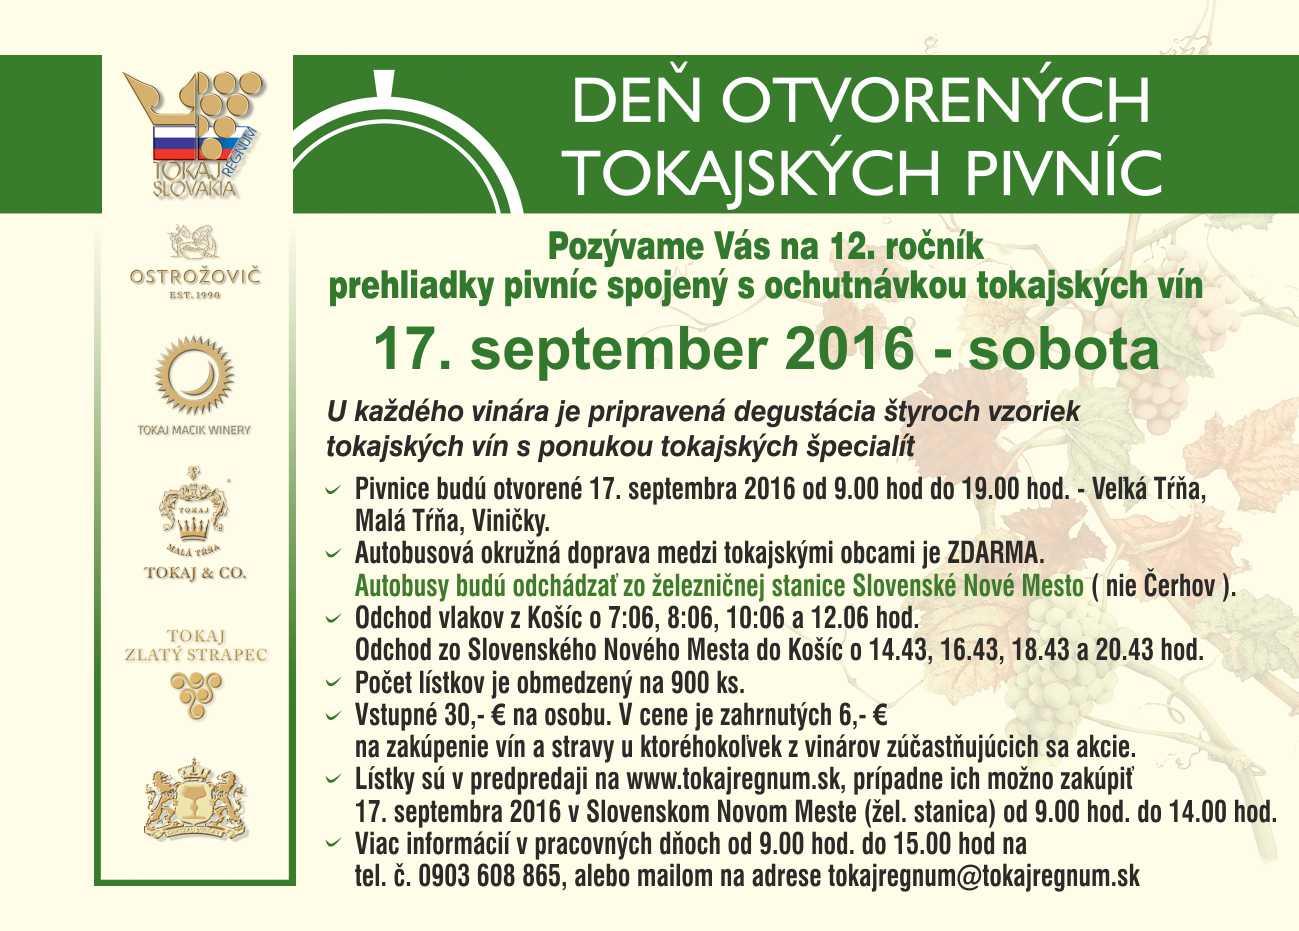 Deň otvorených tokajských pivníc 2016